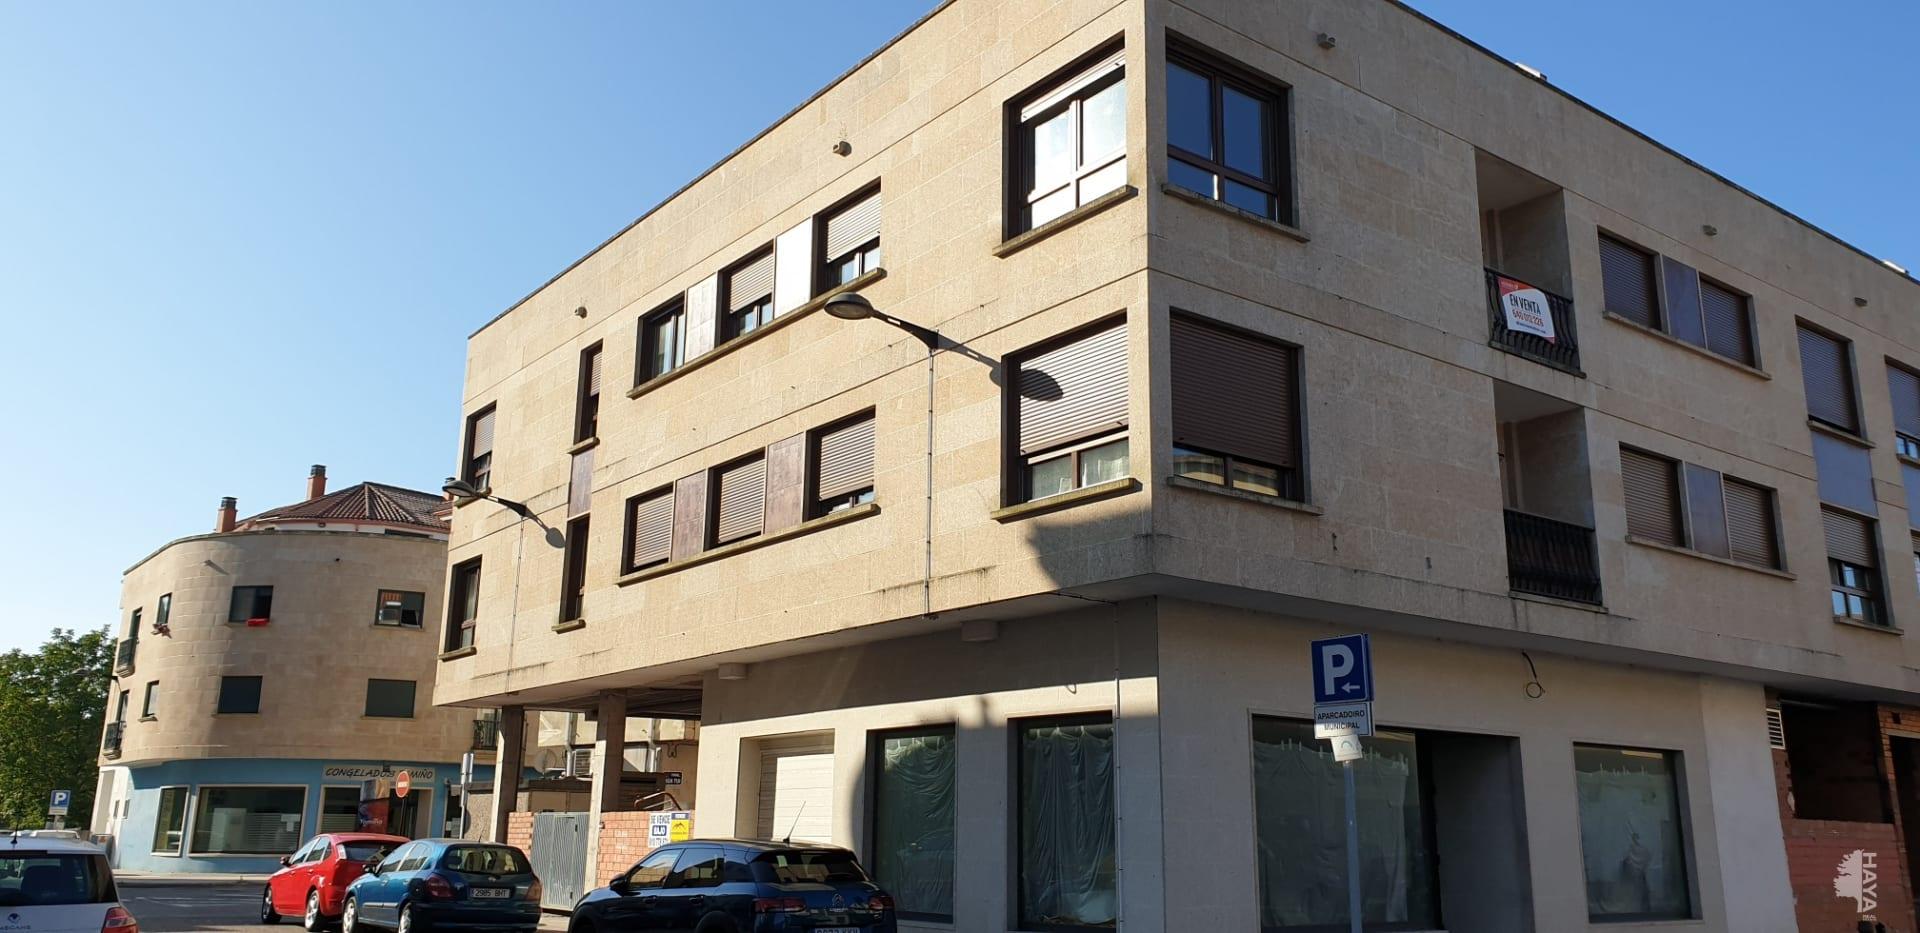 Piso en venta en Tomiño, Pontevedra, Avenida Gondomar, 80.000 €, 3 habitaciones, 2 baños, 103 m2